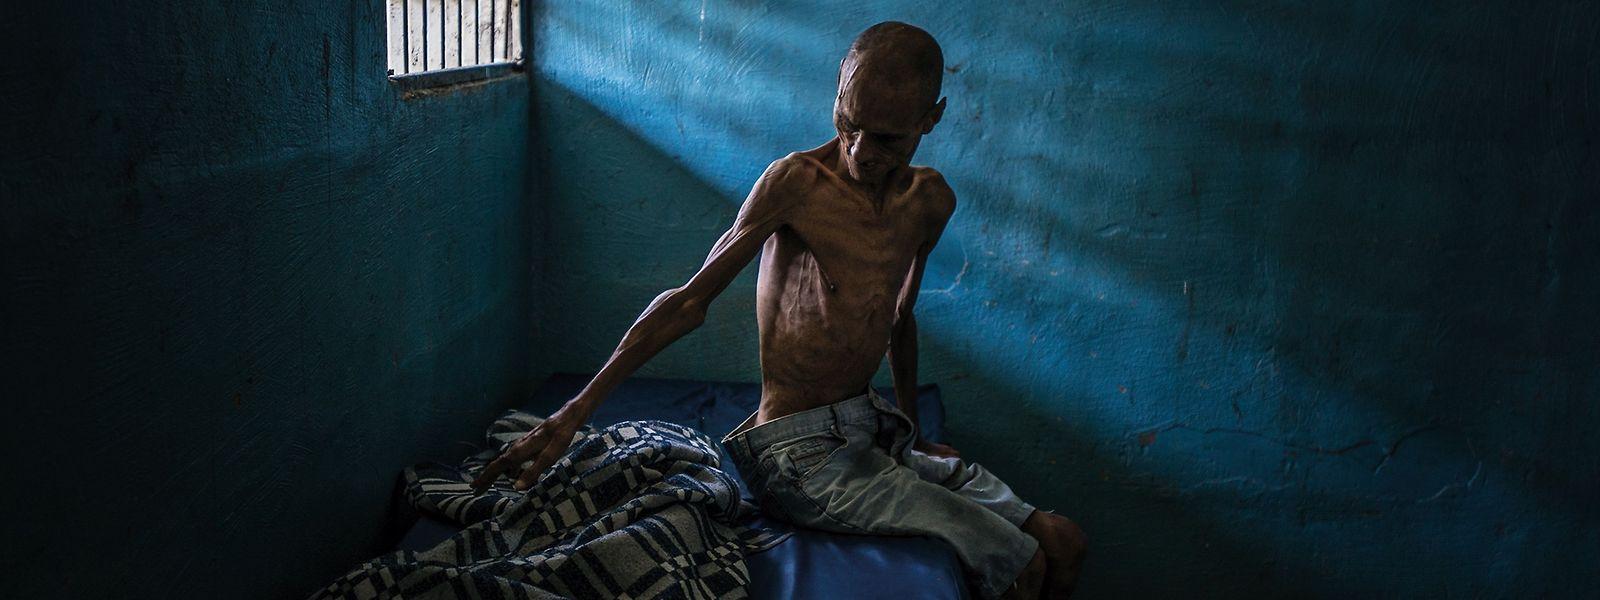 Mal traurige, mal grausame und dabei stets wahre Momentaufnahmen: Omar Mendoza, einer der Patienten einer psychiatrischen Klinik in Barquisimeto, Venezuela